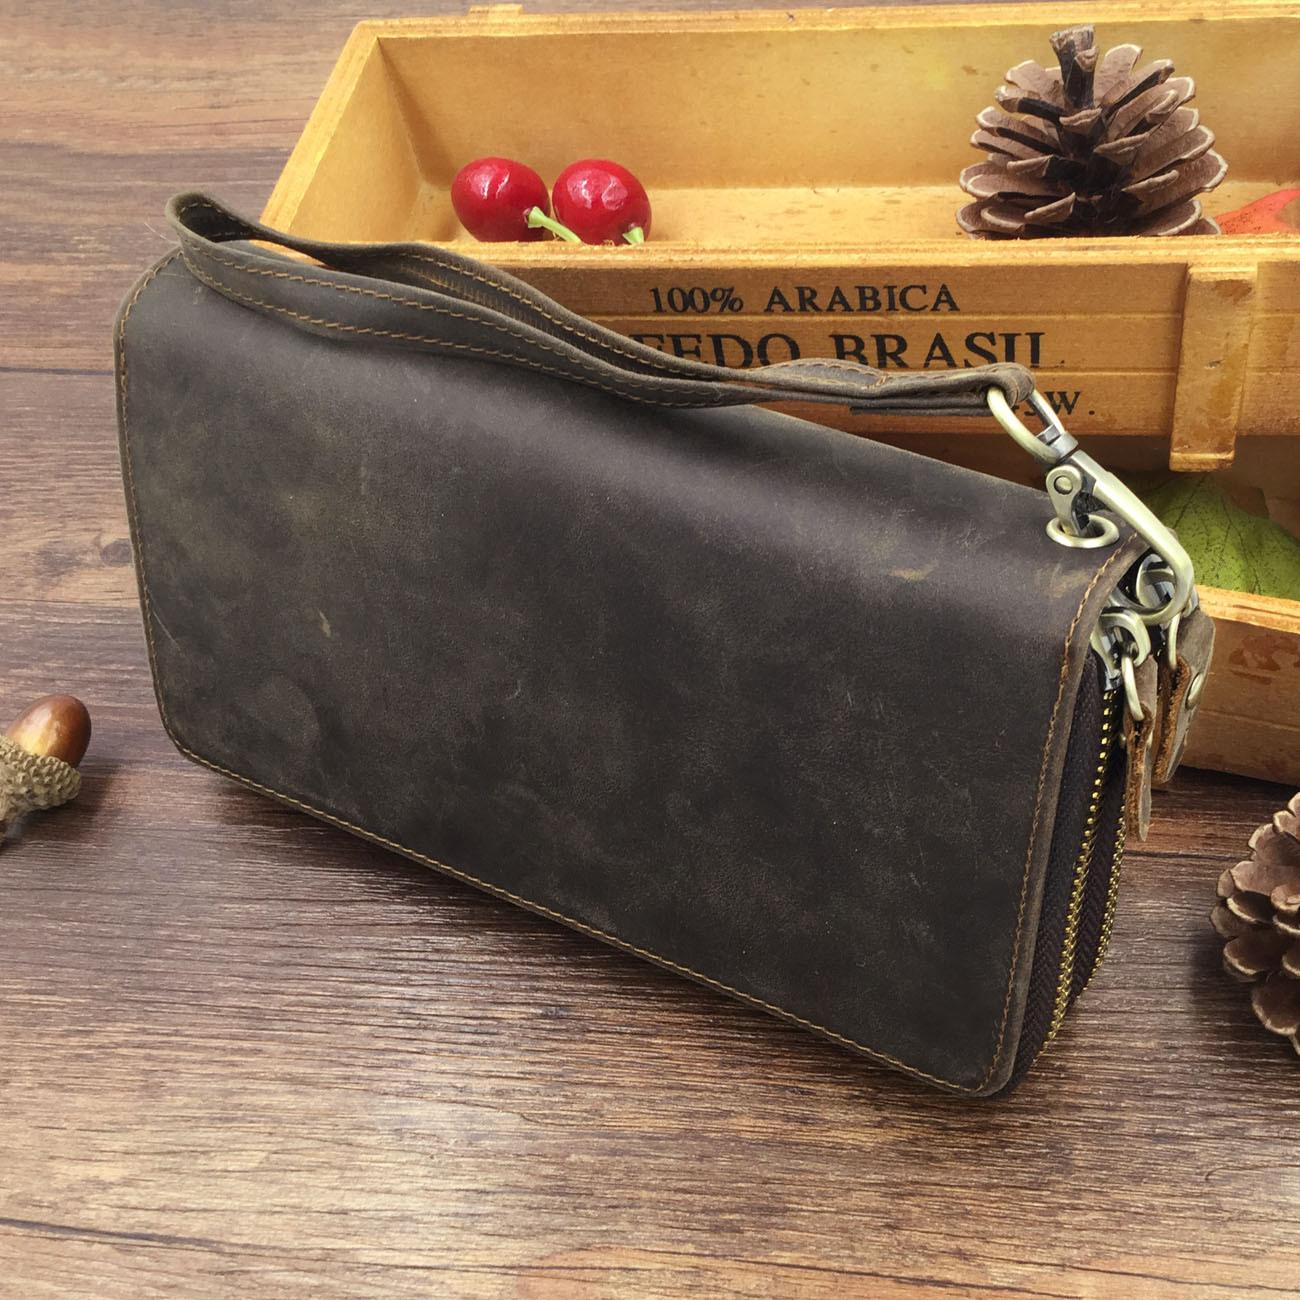 GT-1020 กระเป๋าสตางค์กึ่งคลัชท์ หนังนูบัค สีน้ำตาลเข้ม